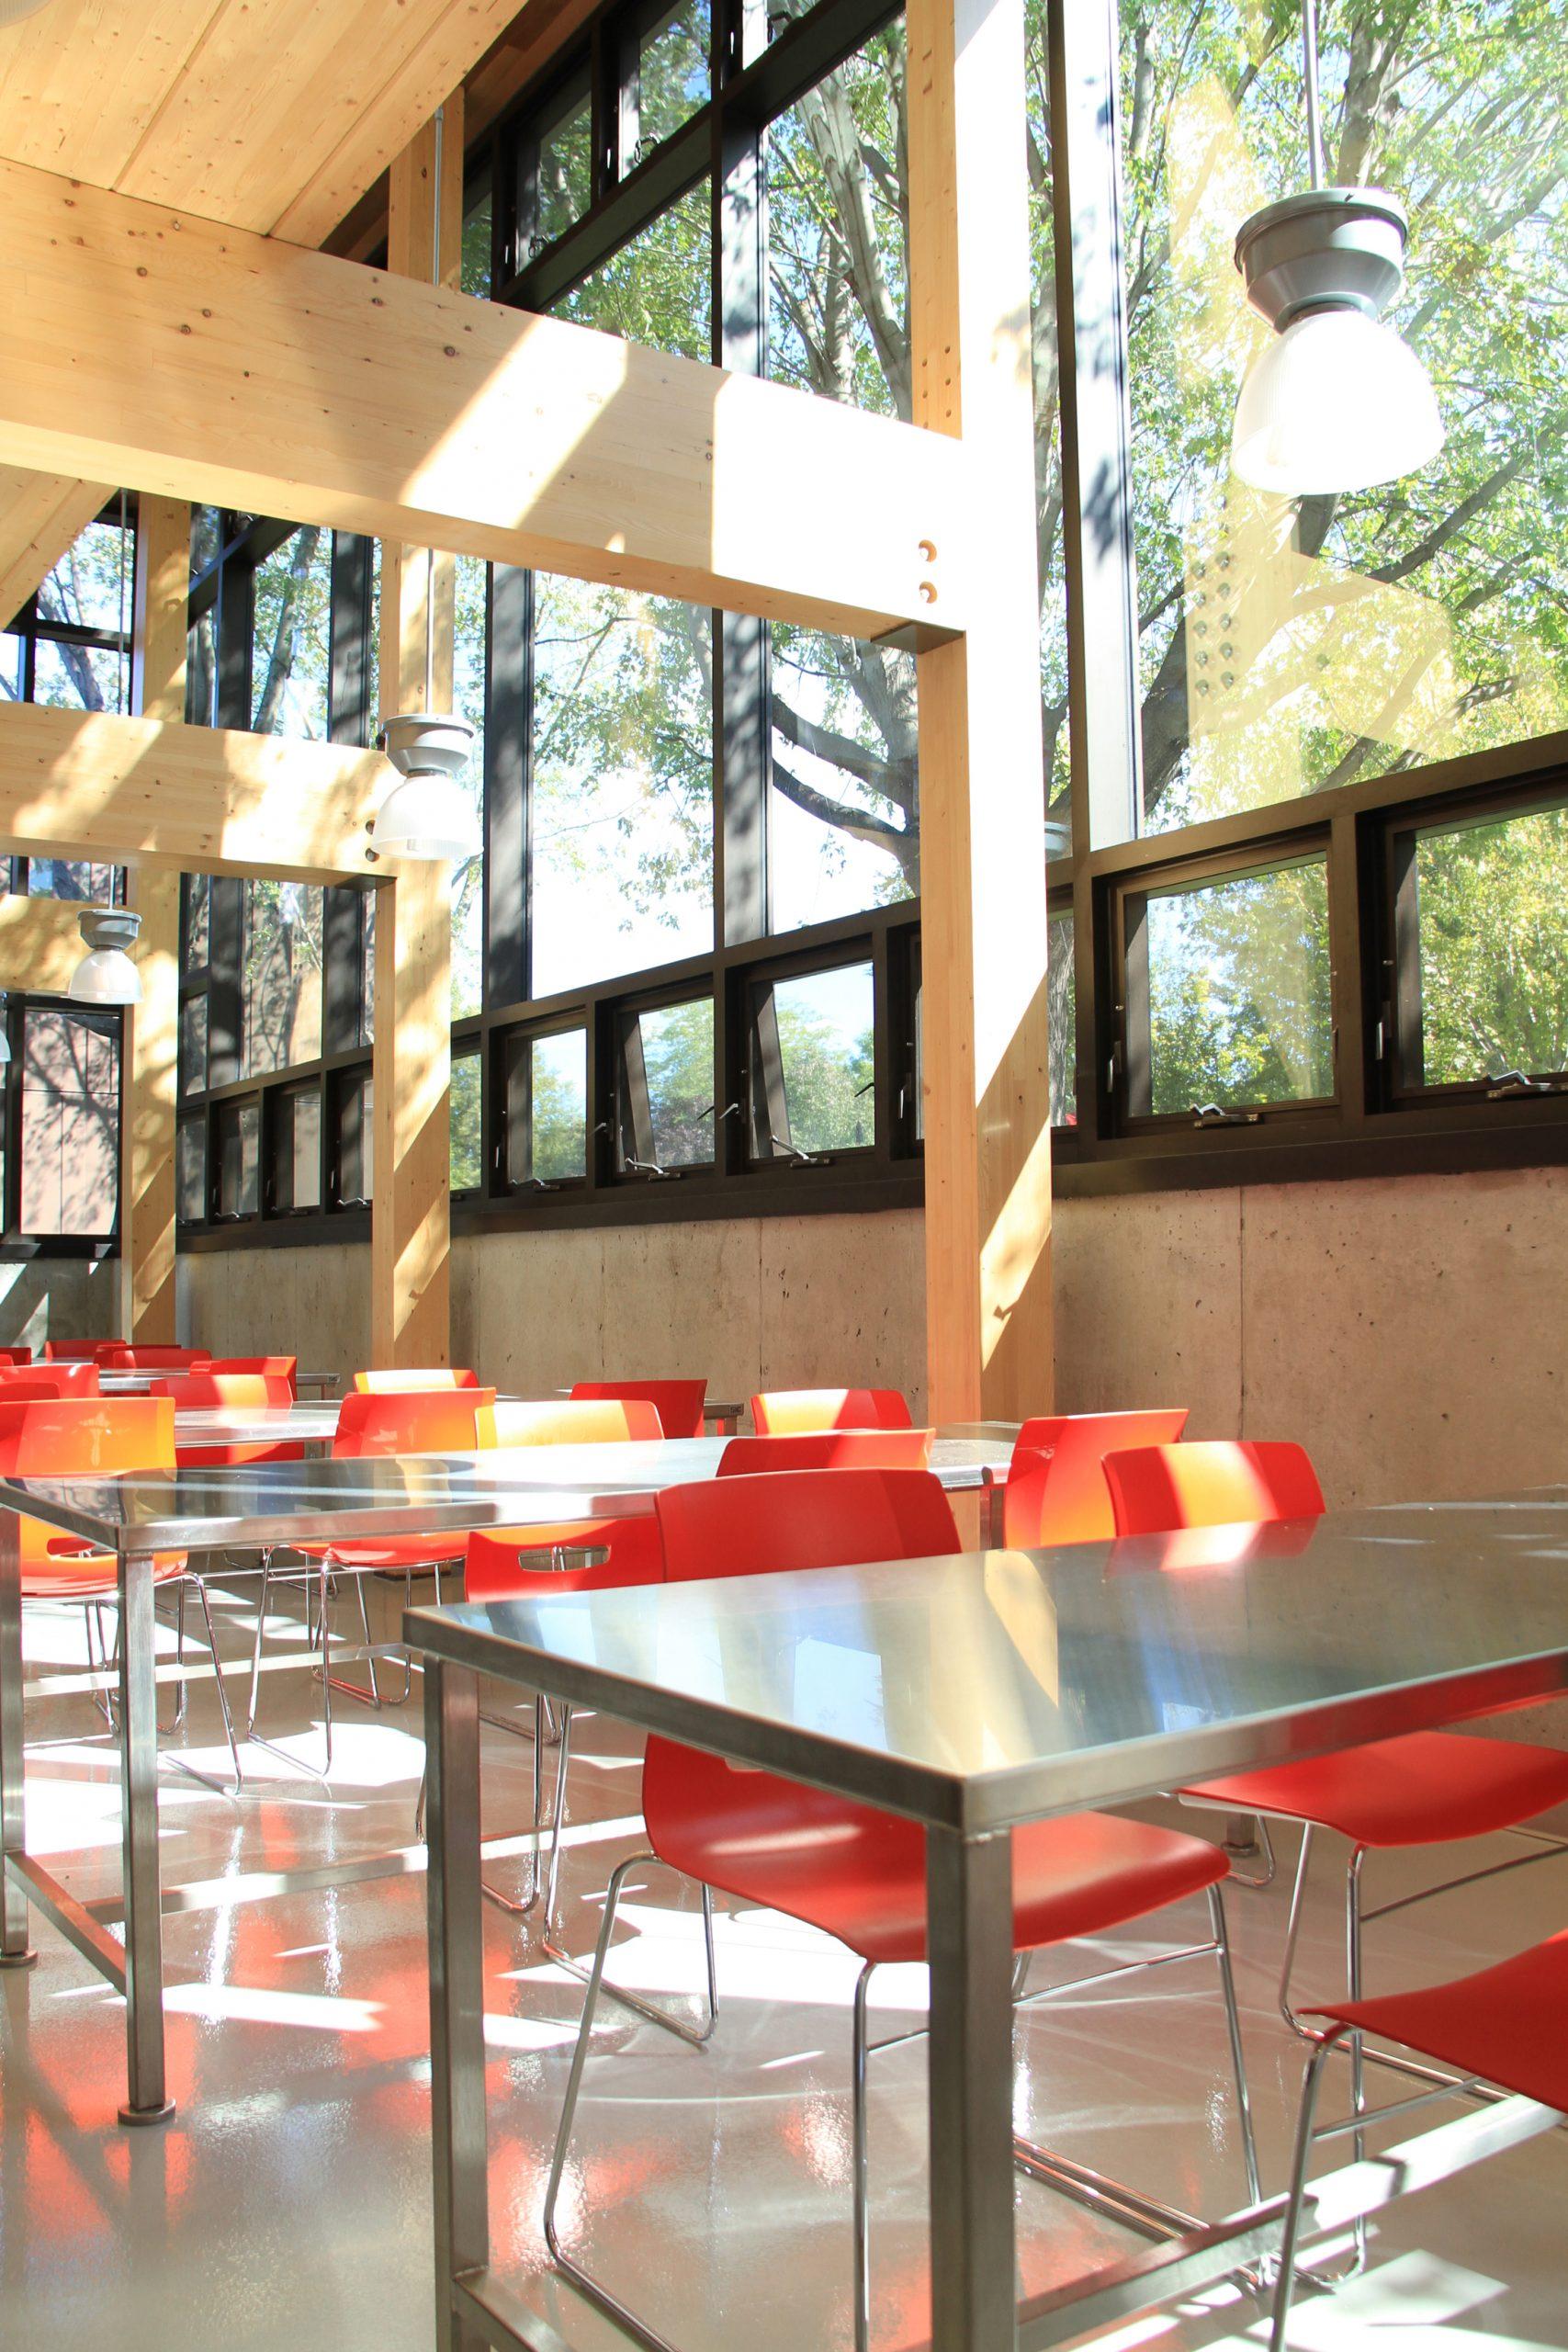 Pavillon horticole écoresponsable – ITA Campus de St-Hyacinthe Cecobois 6